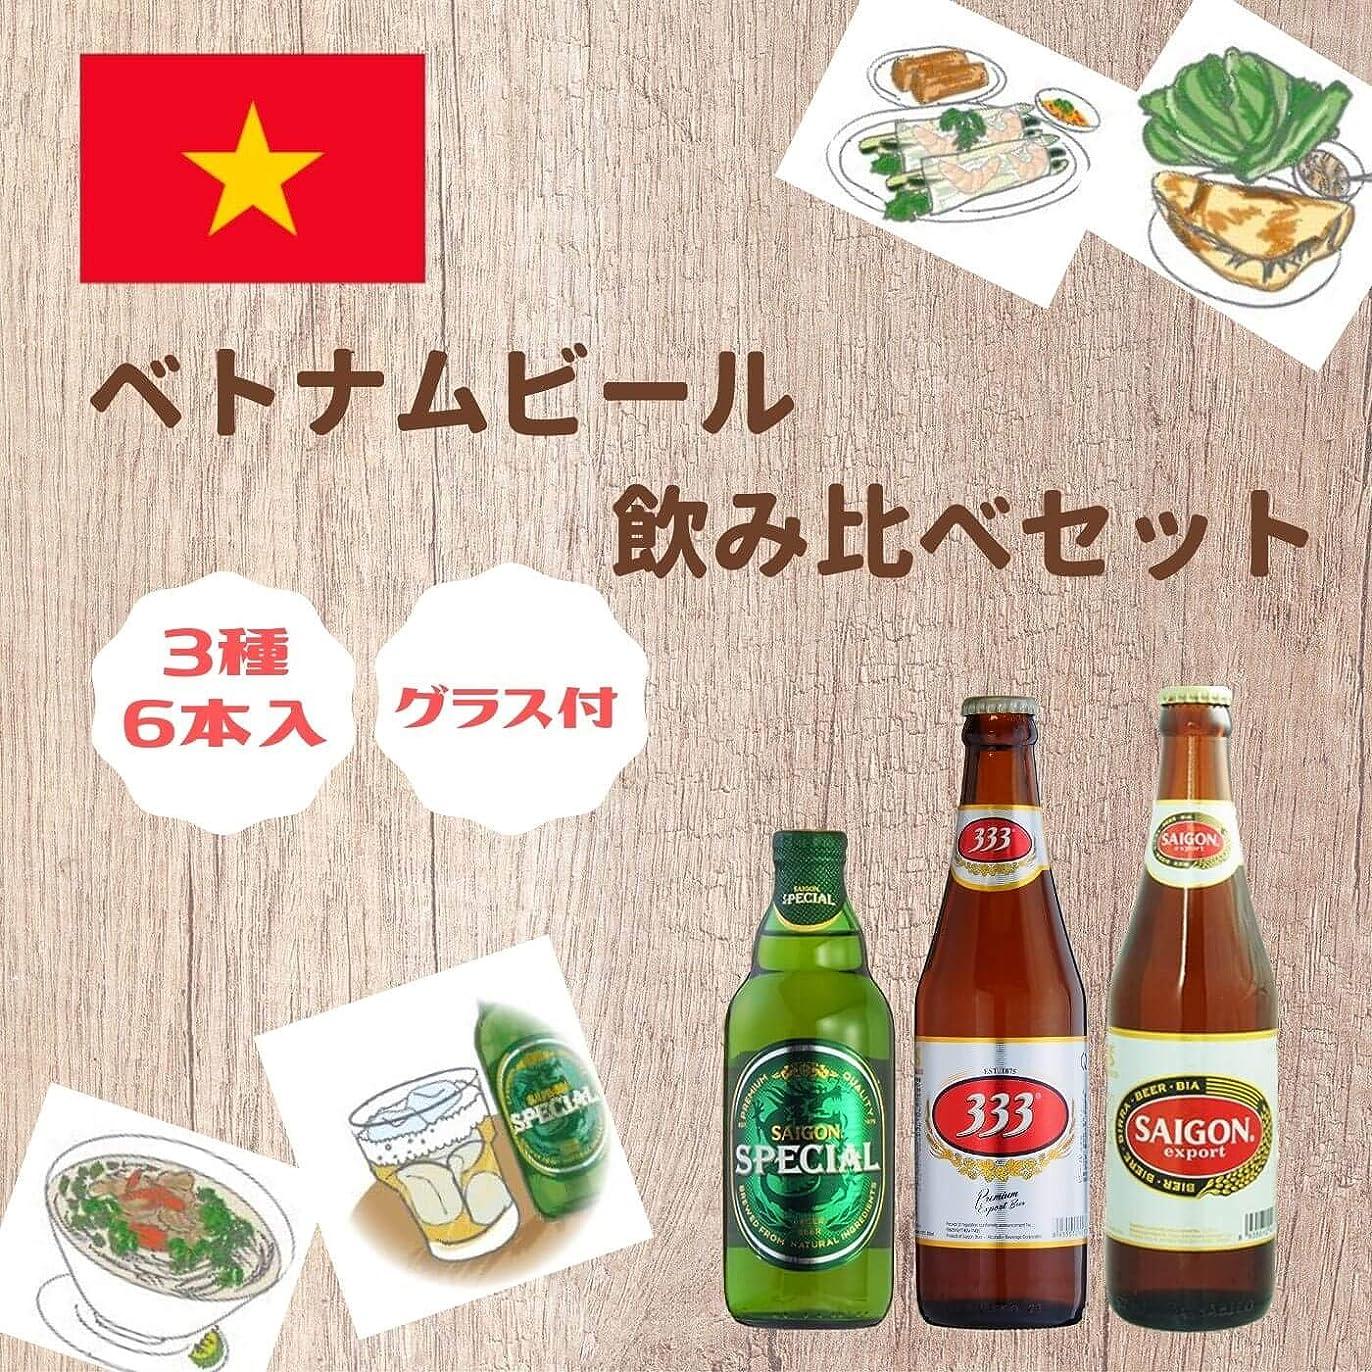 鉛筆鉄良い【WEB限定】ベトナムビール 飲み比べギフトBOX【グラス付】[ ベトナム 2080ml /6本 ] 勤労感謝の日 クリスマス プレゼント 誕生日 ギフト [